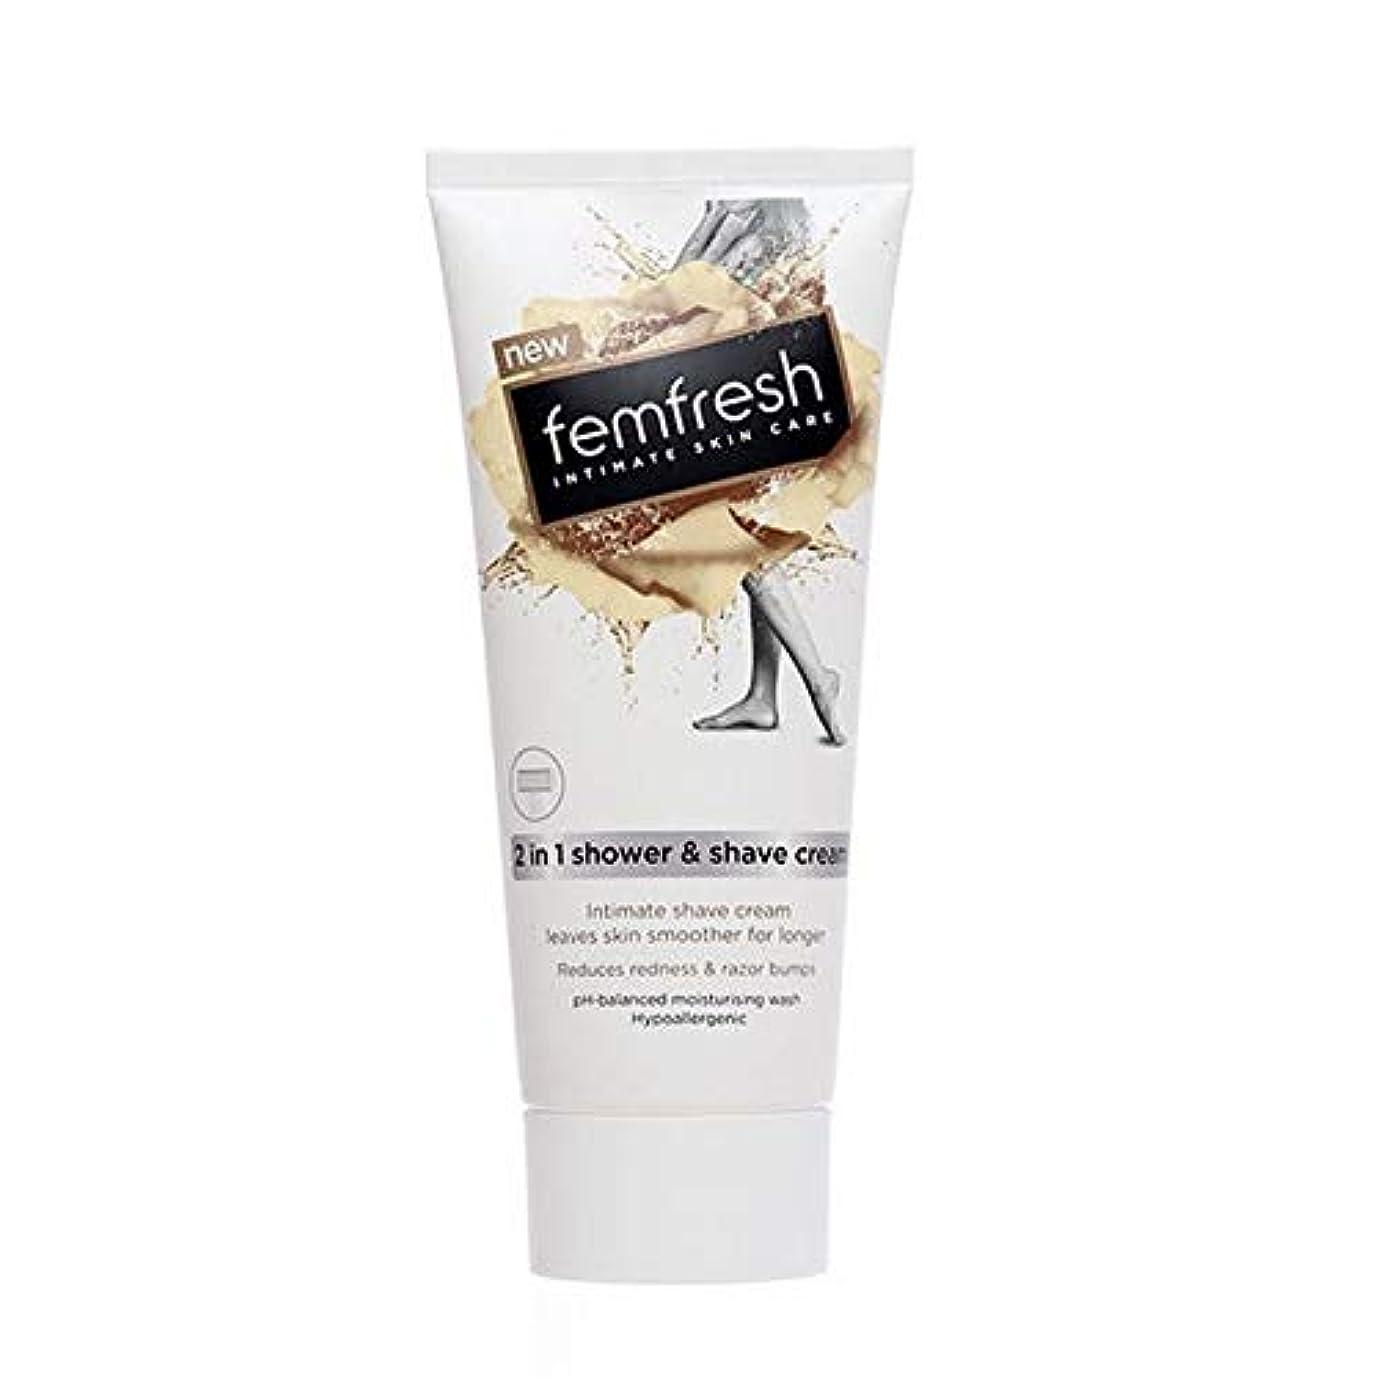 ヘロインこの閃光[Femfresh] Femfreshシャワー&シェーブクリーム200ミリリットル - Femfresh Shower & Shave Cream 200ml [並行輸入品]